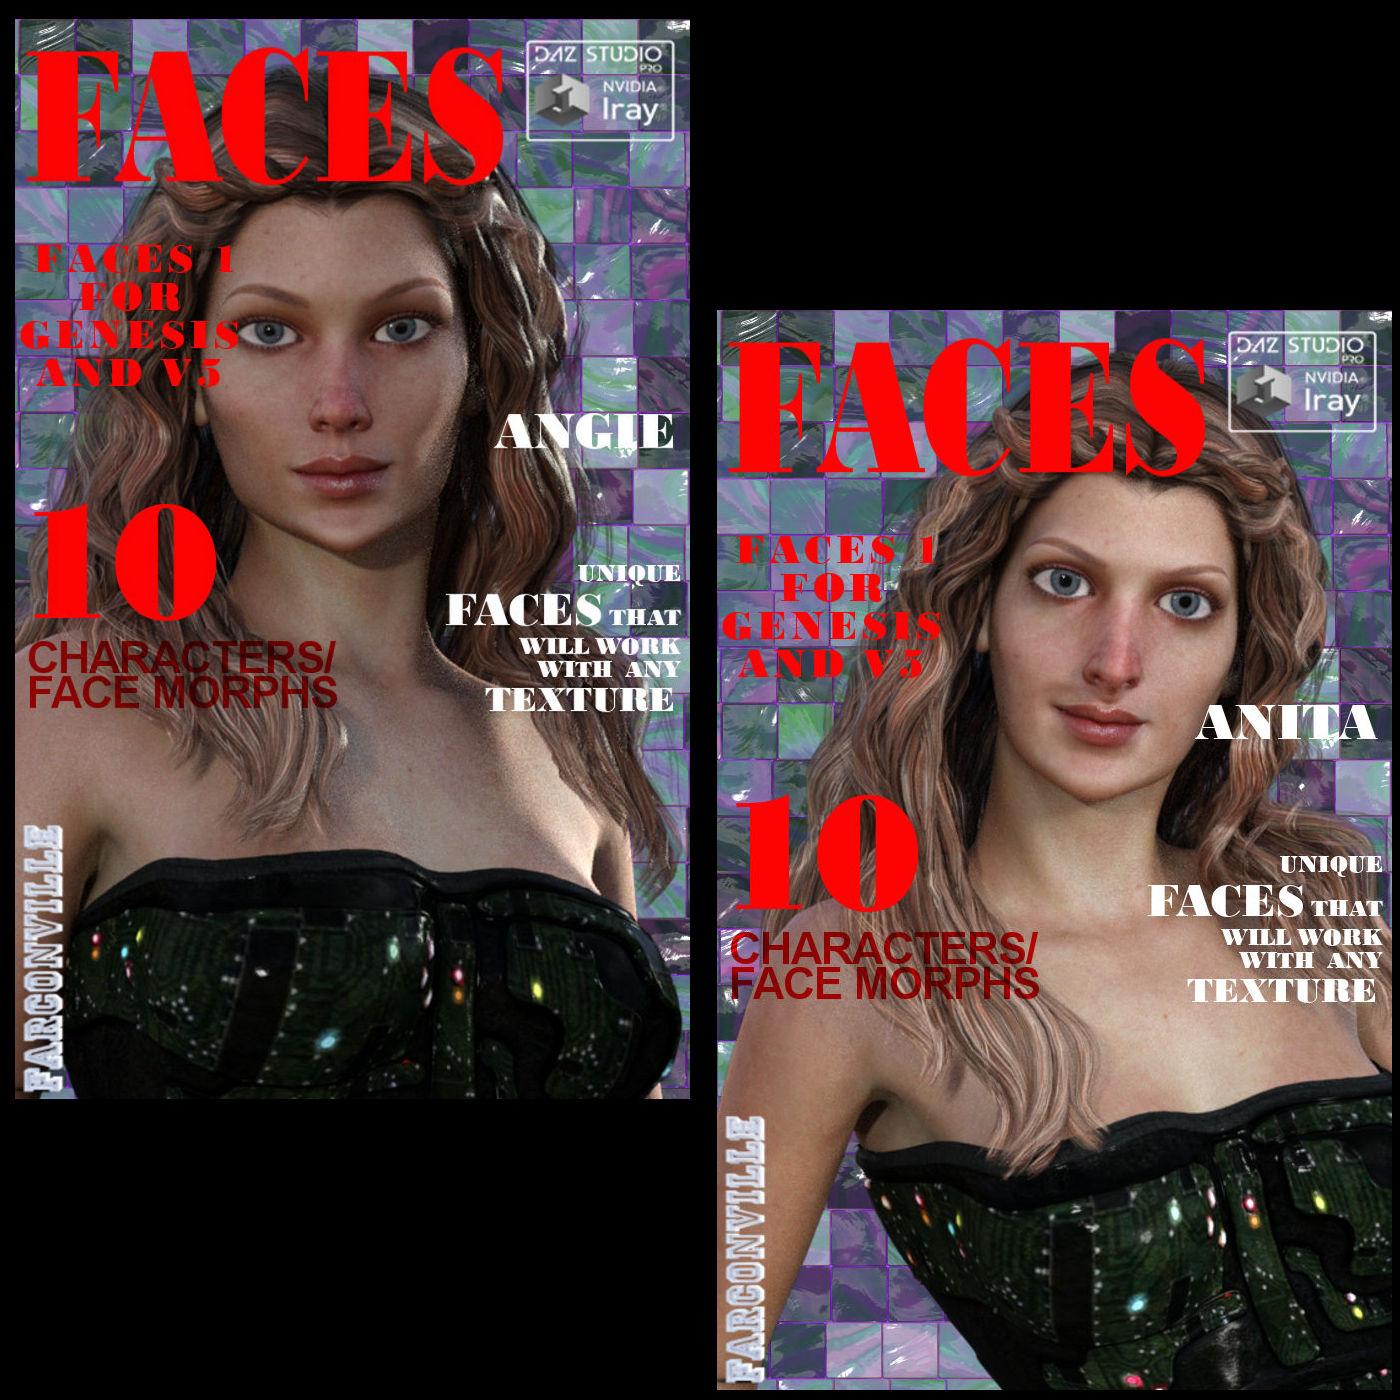 Faces for G1F - V5 _V5 Supermodel